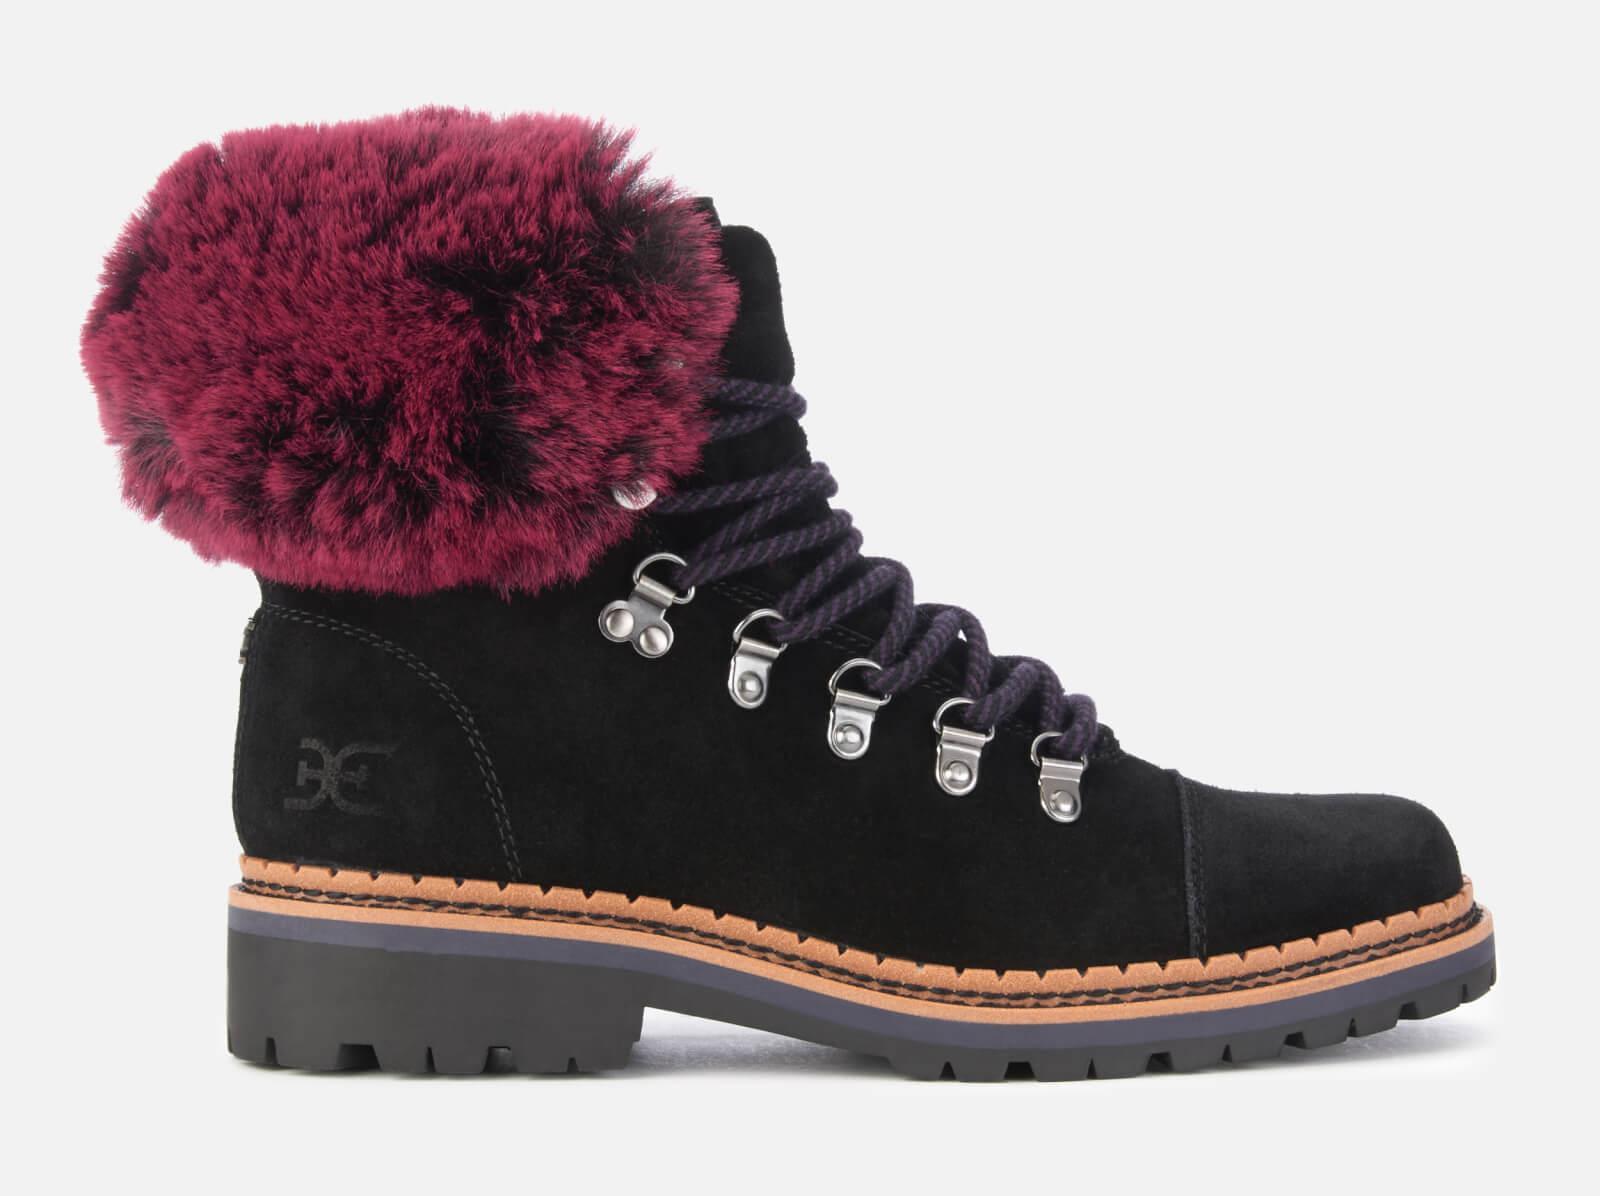 e5b70659e9421 Lyst - Sam Edelman Bowen Velutto Suede Hiker Style Boots in Black